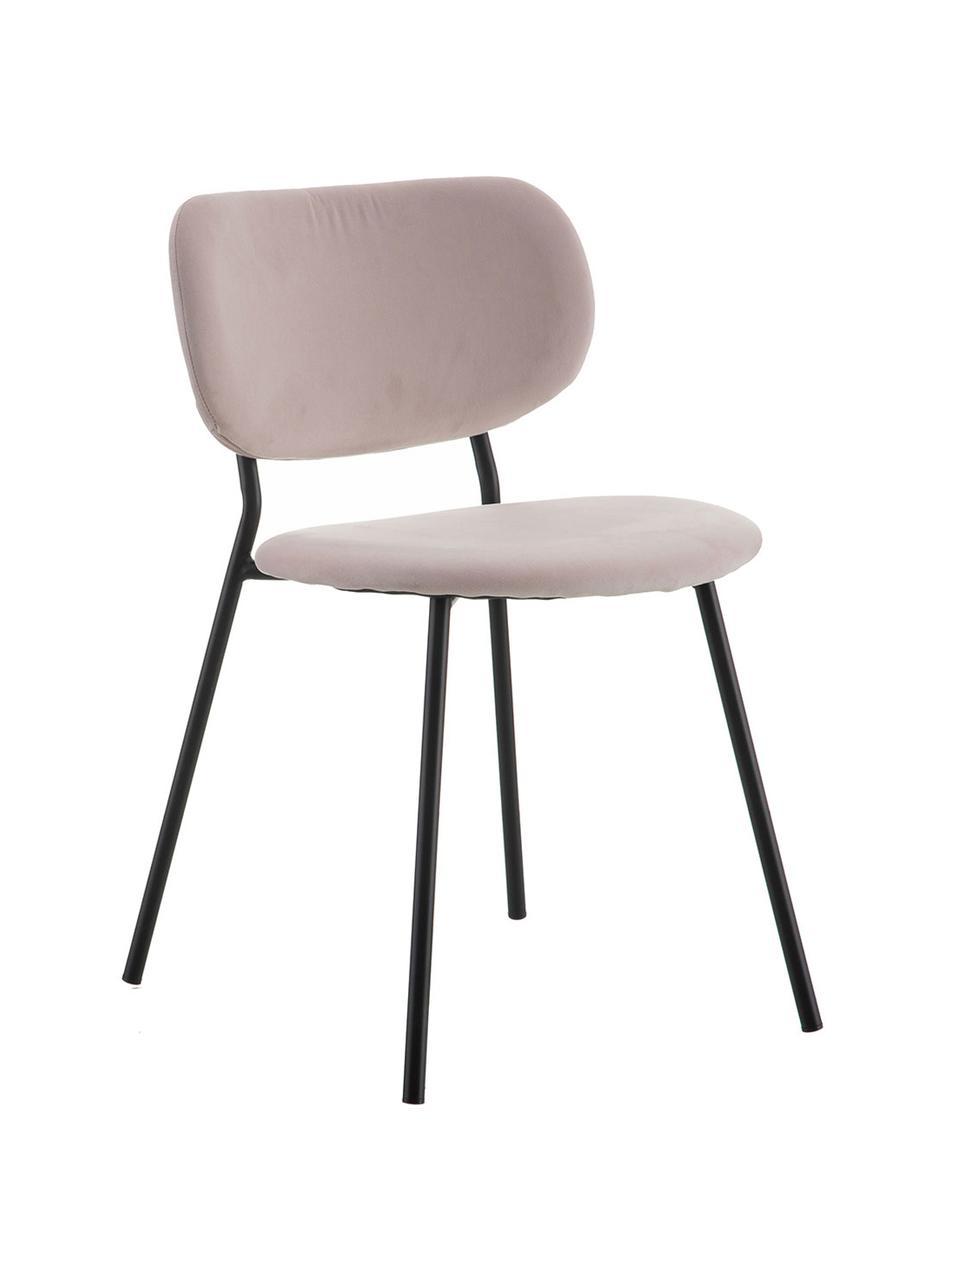 Krzesło tapicerowane z aksamitu Elyse, Tapicerka: 100% aksamit poliestrowy,, Nogi: metal, Brudny różowy, czarny, S 49 x G 46 cm